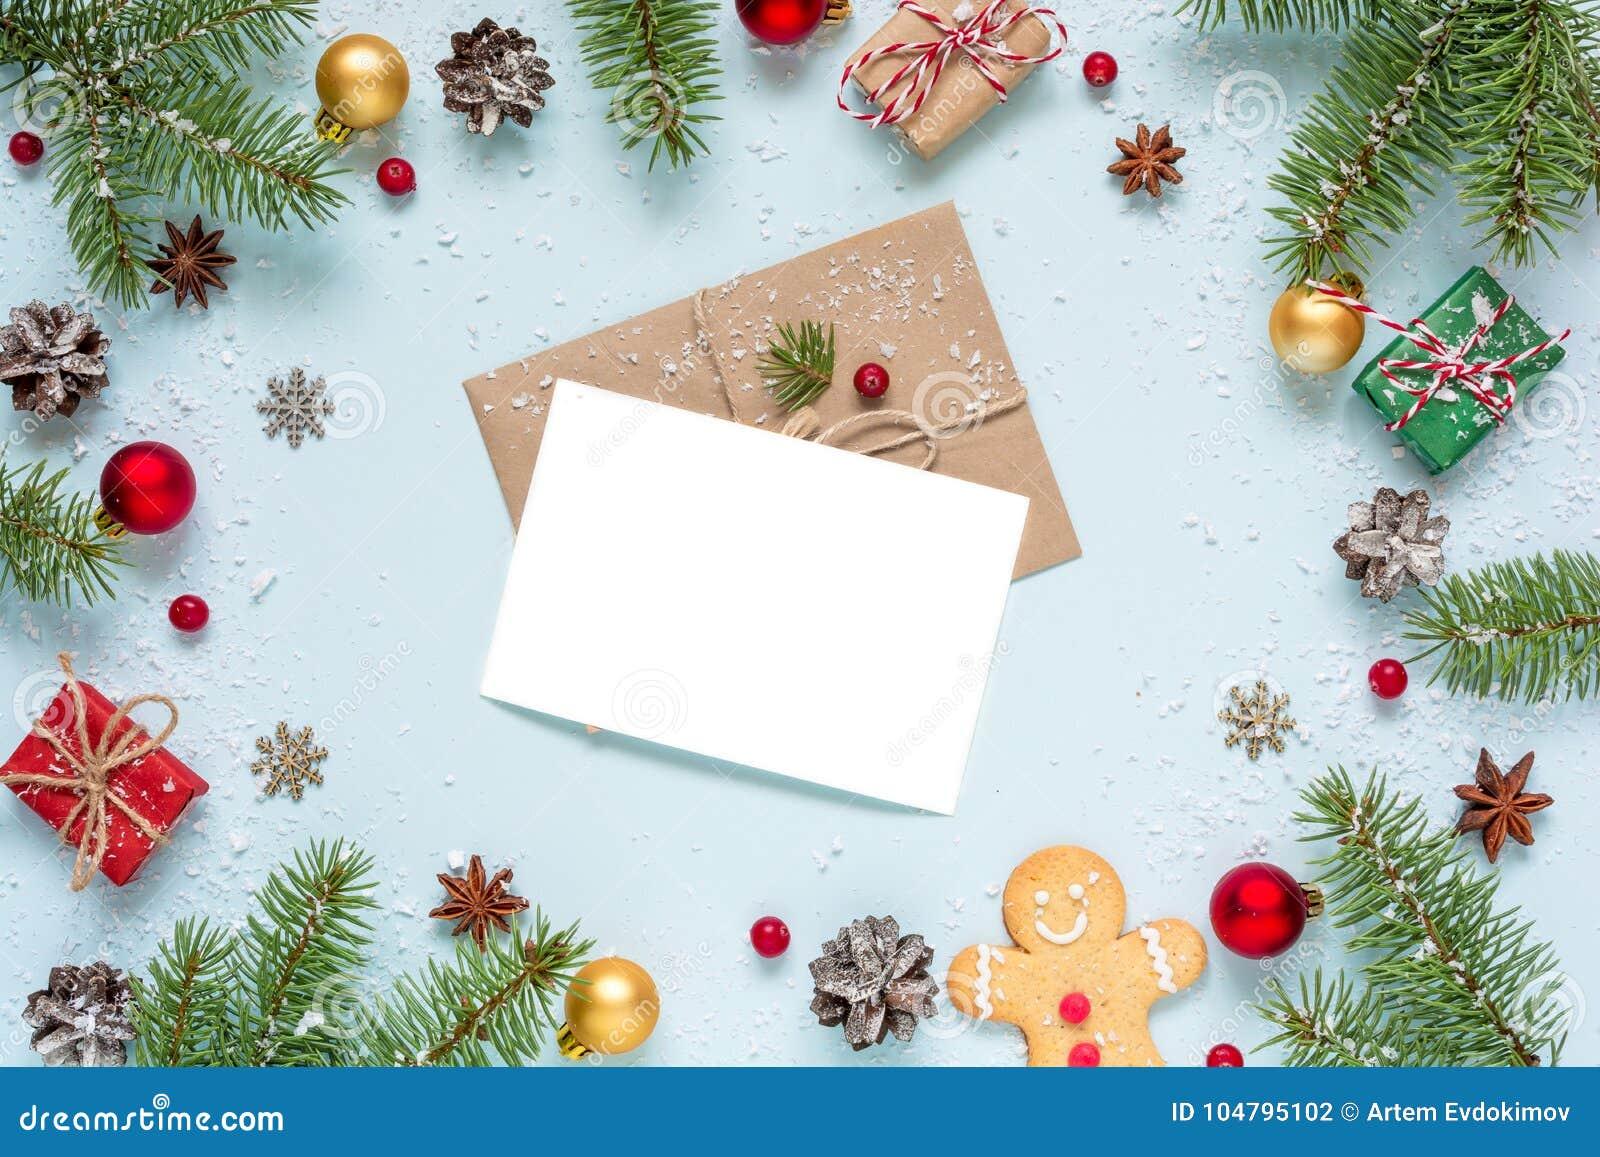 Carte De Voeux Vierge De Noël Dans Le Cadre Fait De Branches